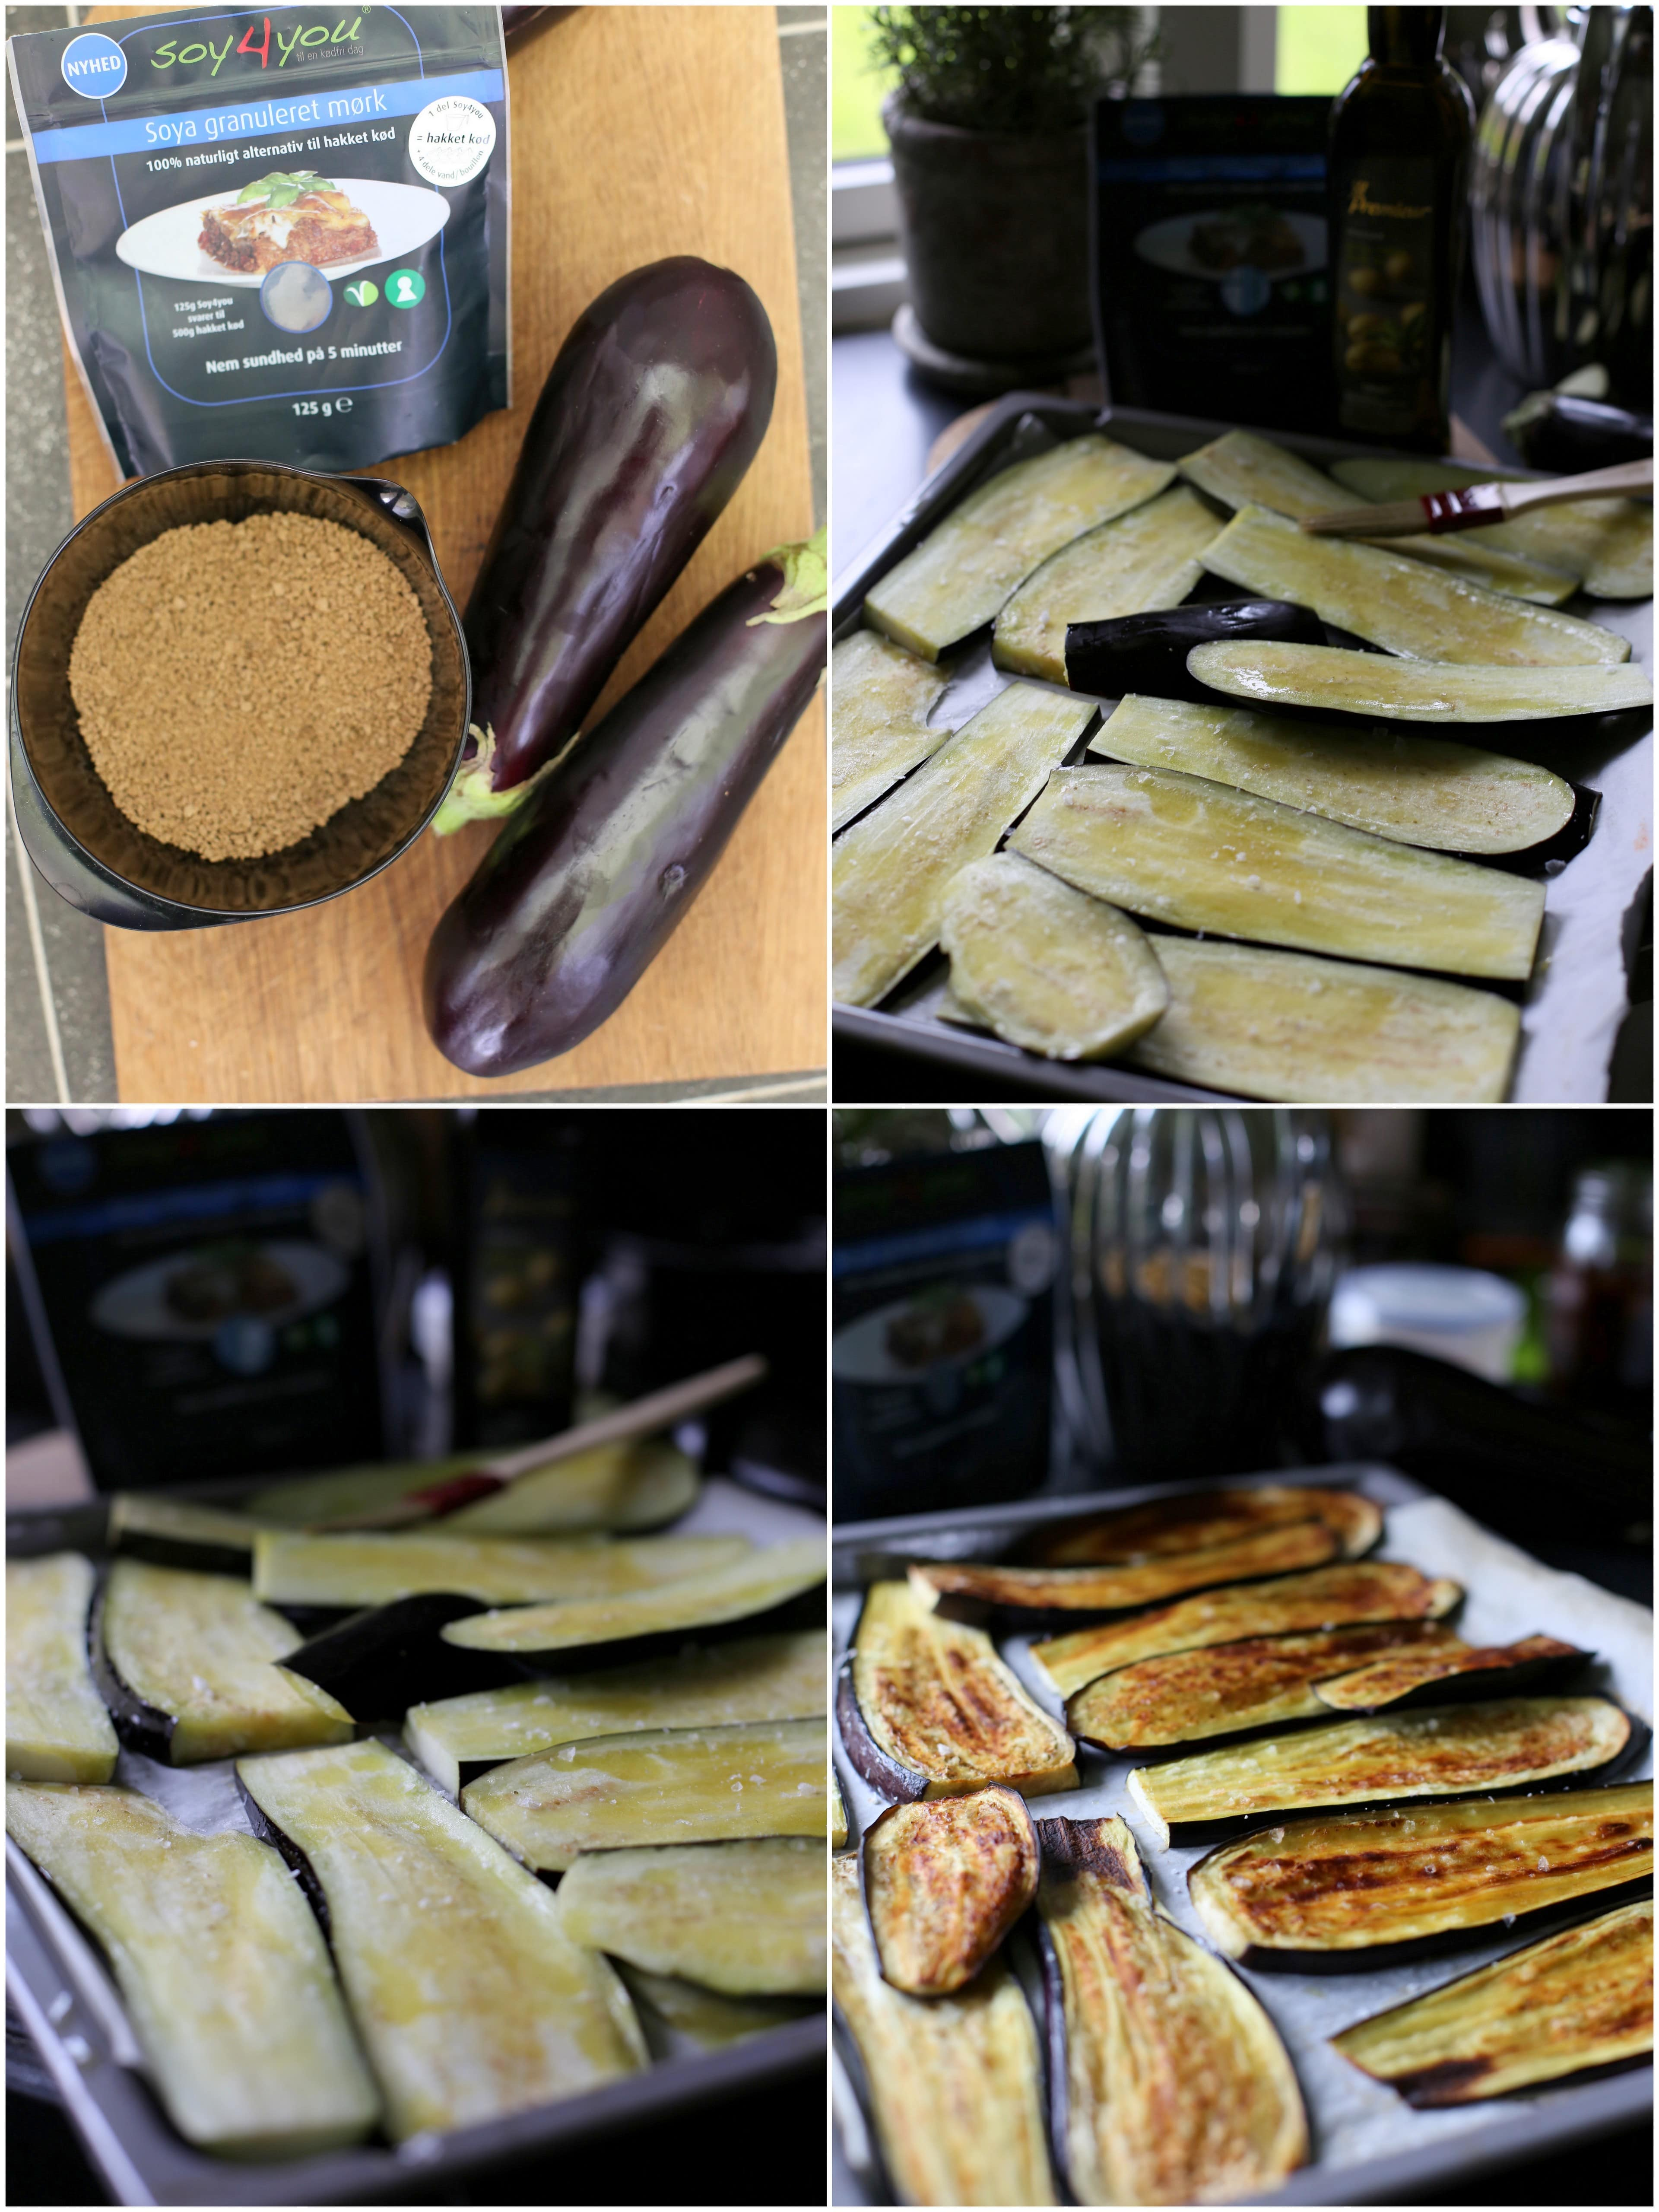 kødfri moussaka med grillede auberginer, soy4you, sort hvidløg